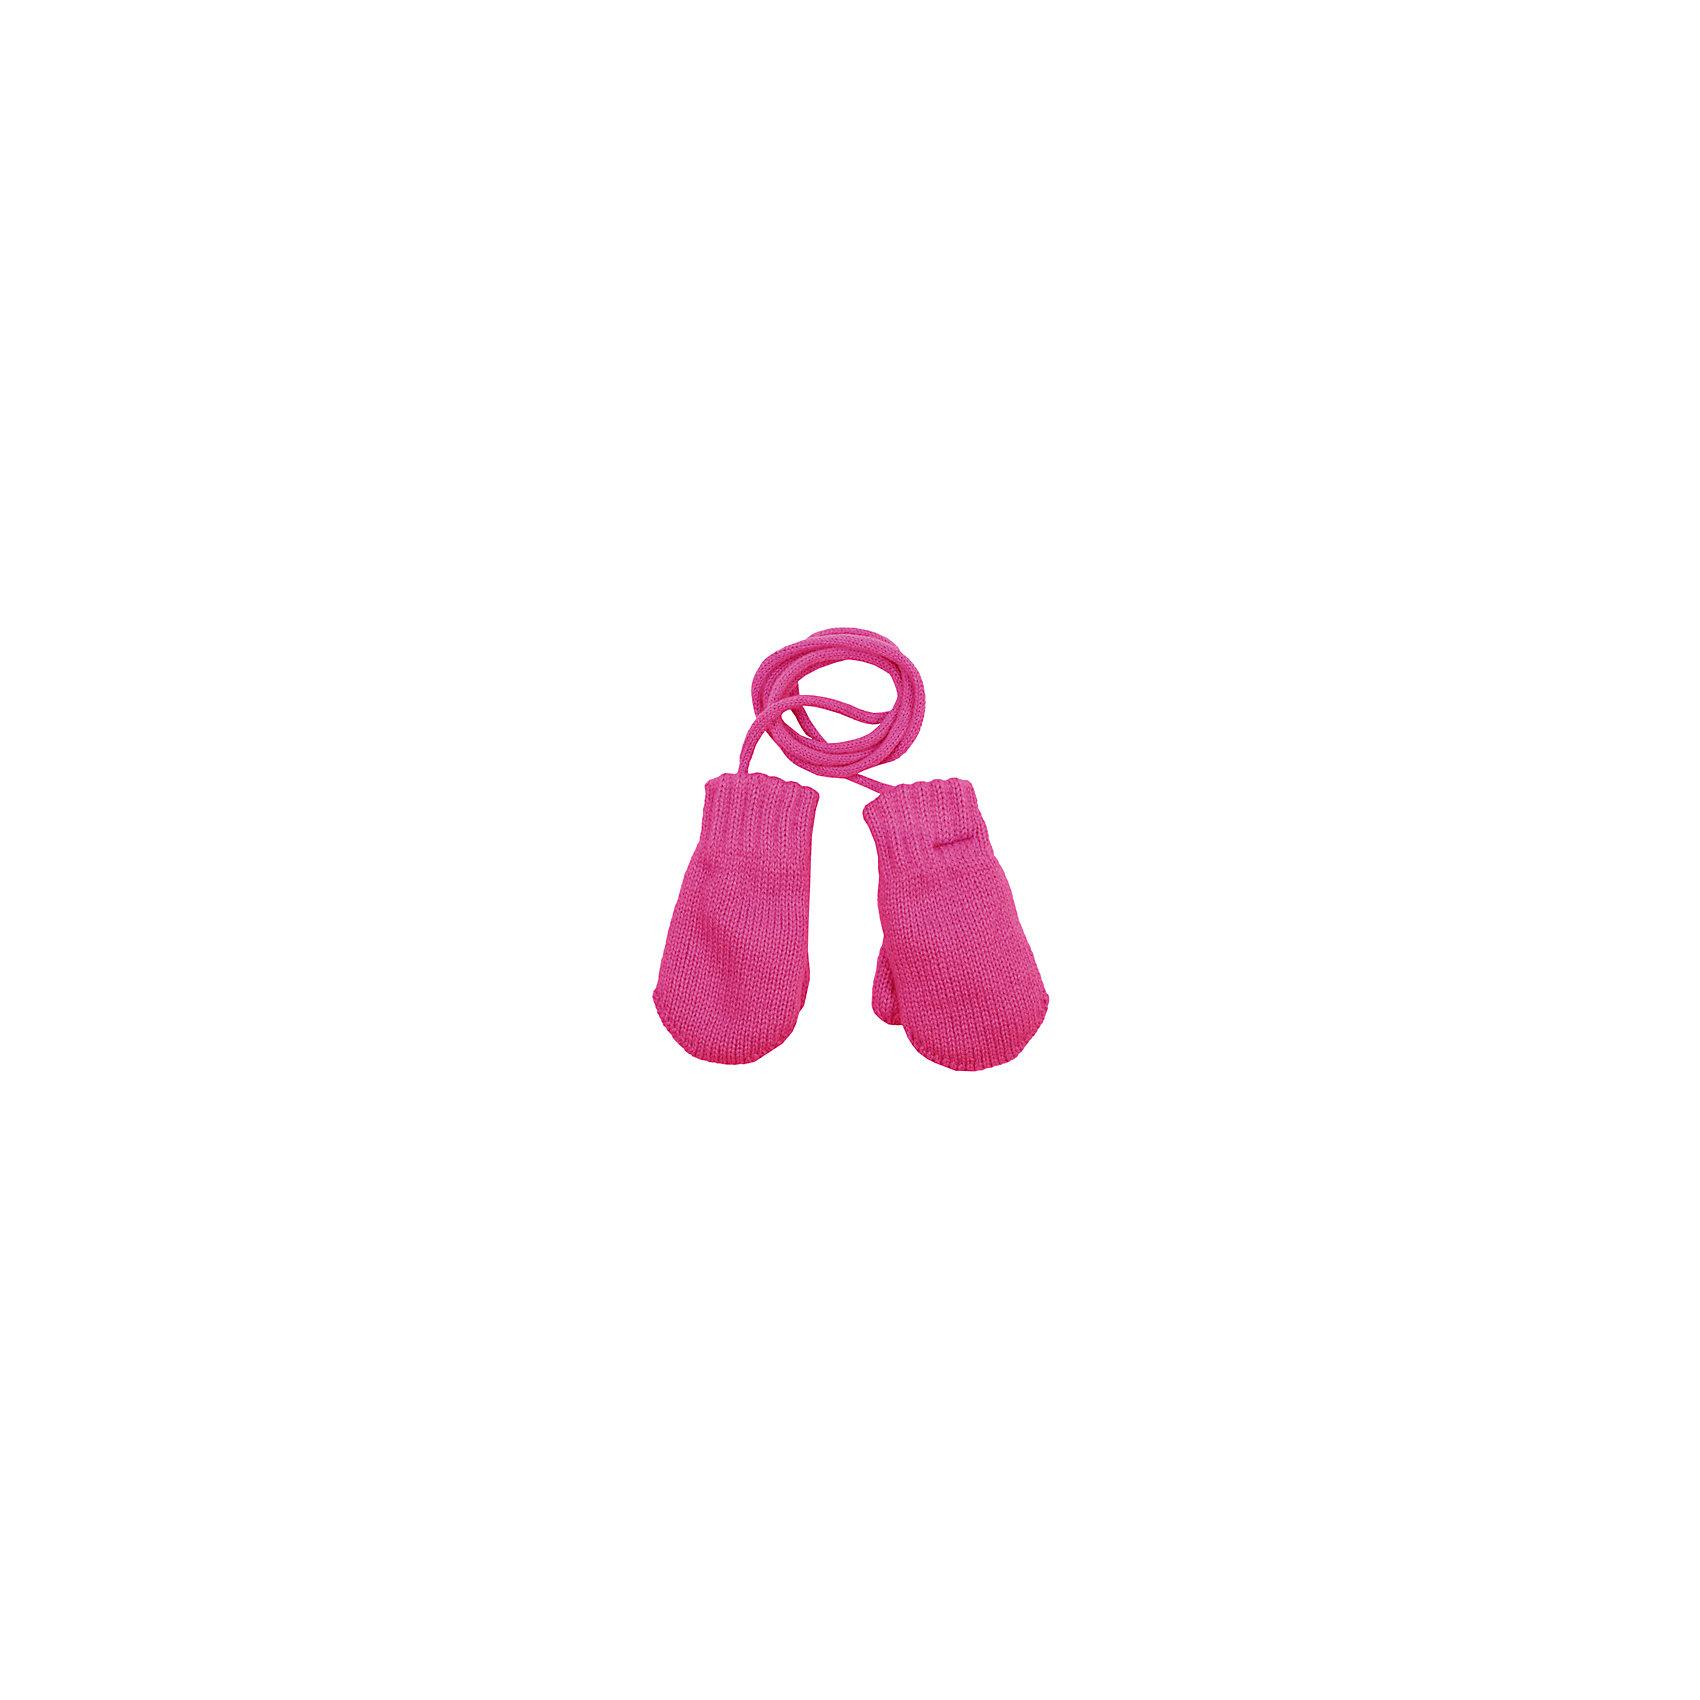 Варежки для девочки PlayTodayПерчатки, варежки<br>Варежки для девочки от известного бренда PlayToday.<br>Уютные варежки из мягкого вязаного трикотажа. Сверкающая люрексная нить придает классный мерцающий эффект. На резинке.<br>Состав:<br>Верх: 100% акрил,  подкладка: 100% акрил<br><br>Ширина мм: 162<br>Глубина мм: 171<br>Высота мм: 55<br>Вес г: 119<br>Цвет: розовый<br>Возраст от месяцев: 12<br>Возраст до месяцев: 18<br>Пол: Женский<br>Возраст: Детский<br>Размер: 11,12<br>SKU: 4900753